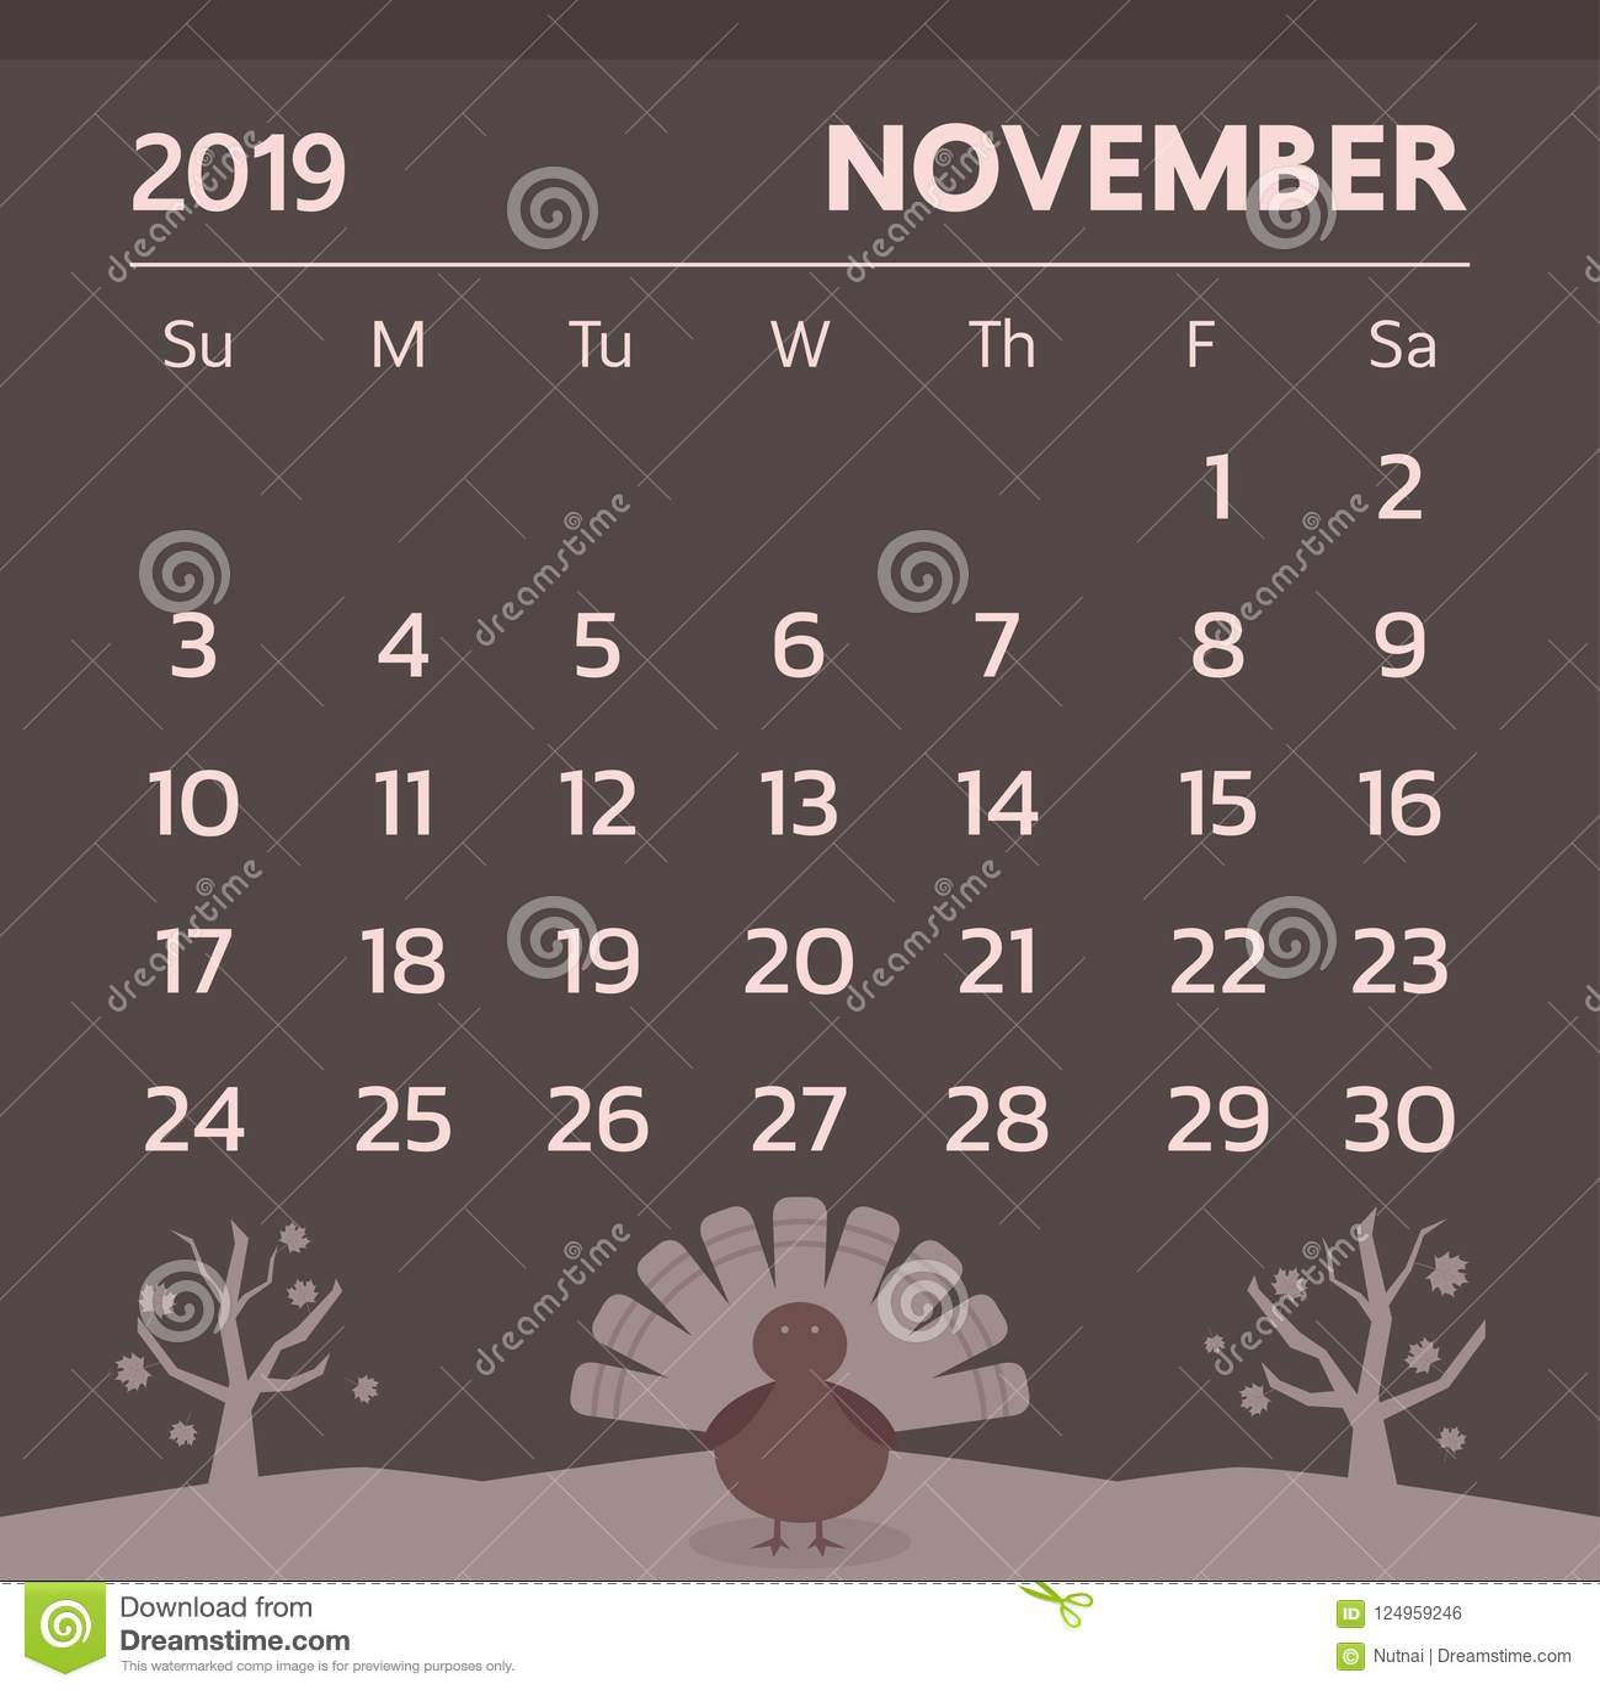 2019 Thanksgiving Calendar Calendar For November 2019 With Thanksgiving Theme   Vector Stock